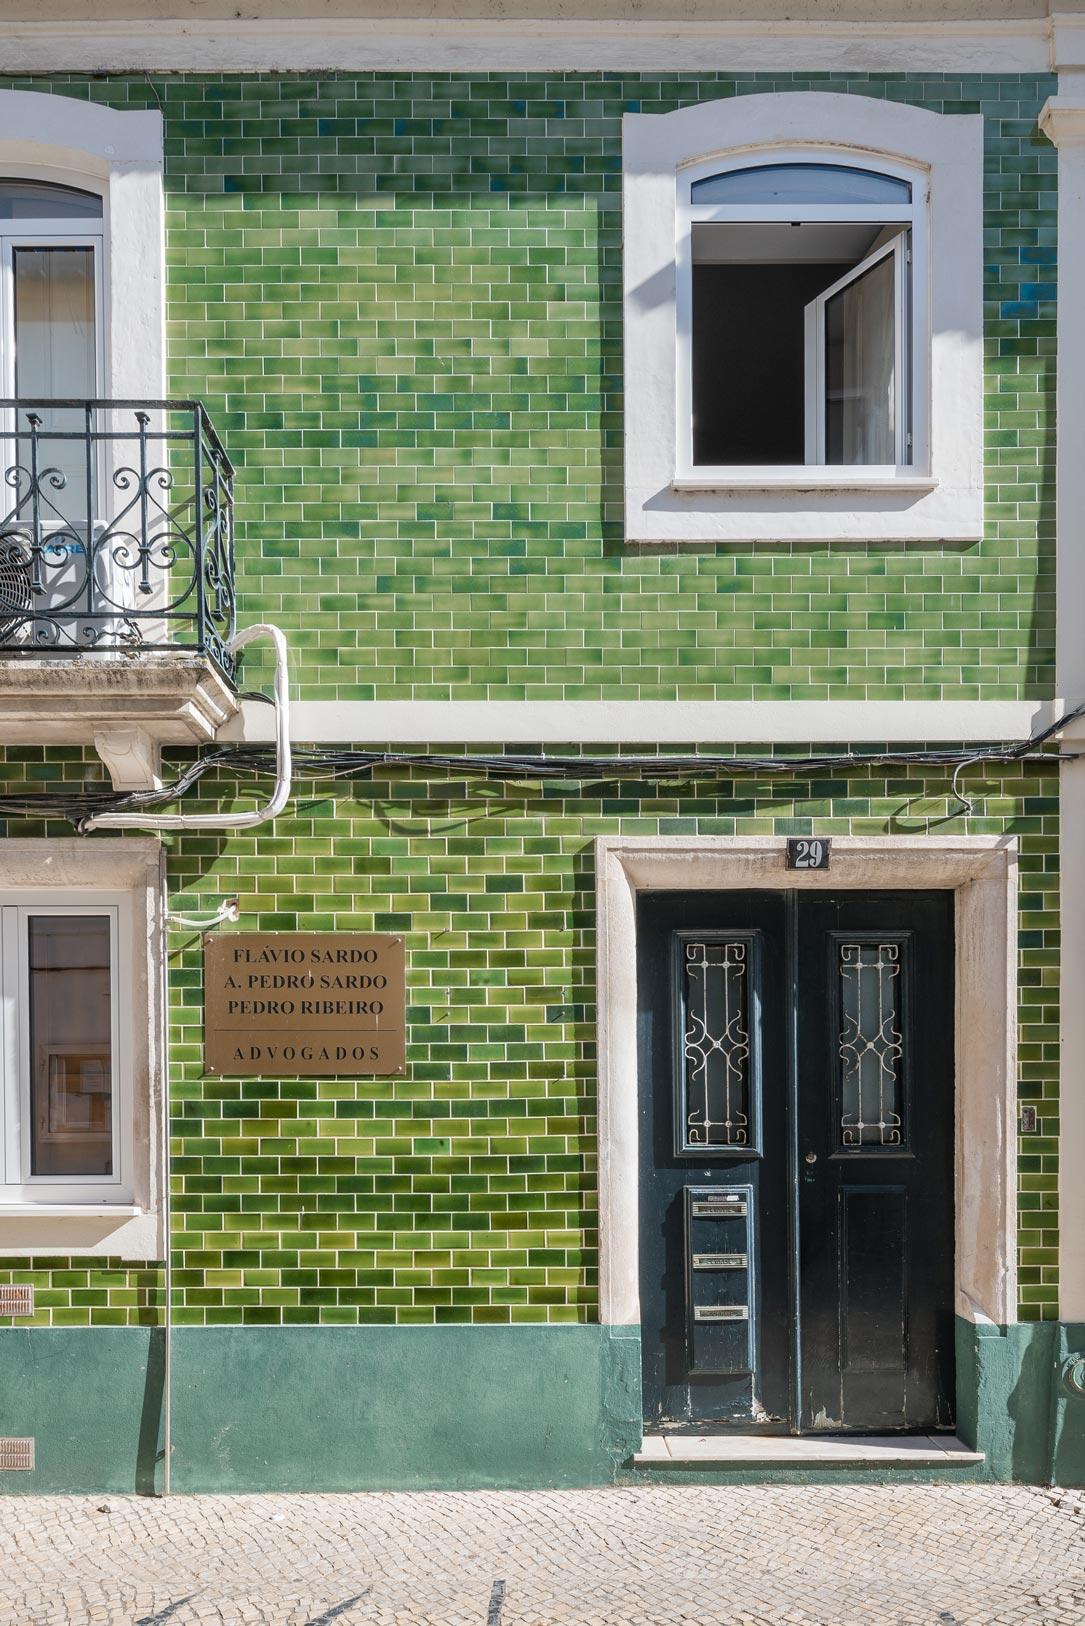 Paesaggi-Portogallo - DSC 2243 - Aveiro, casa piastrellata, Portogallo - Aveiro, casa piastrellata, Portogallo